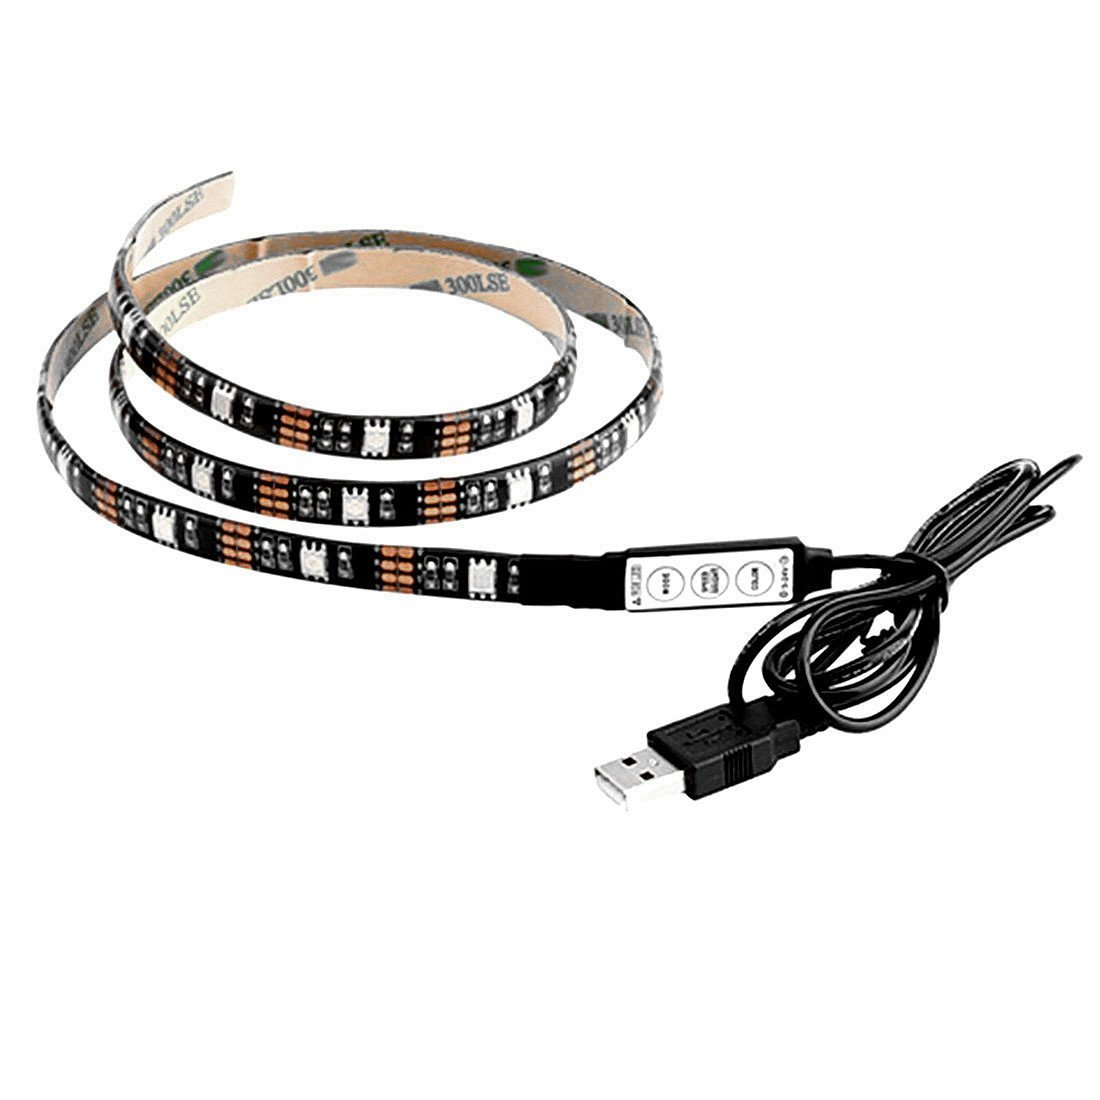 negre    Sạc USB đã dẫn đến 90 cm (25.4 cm).